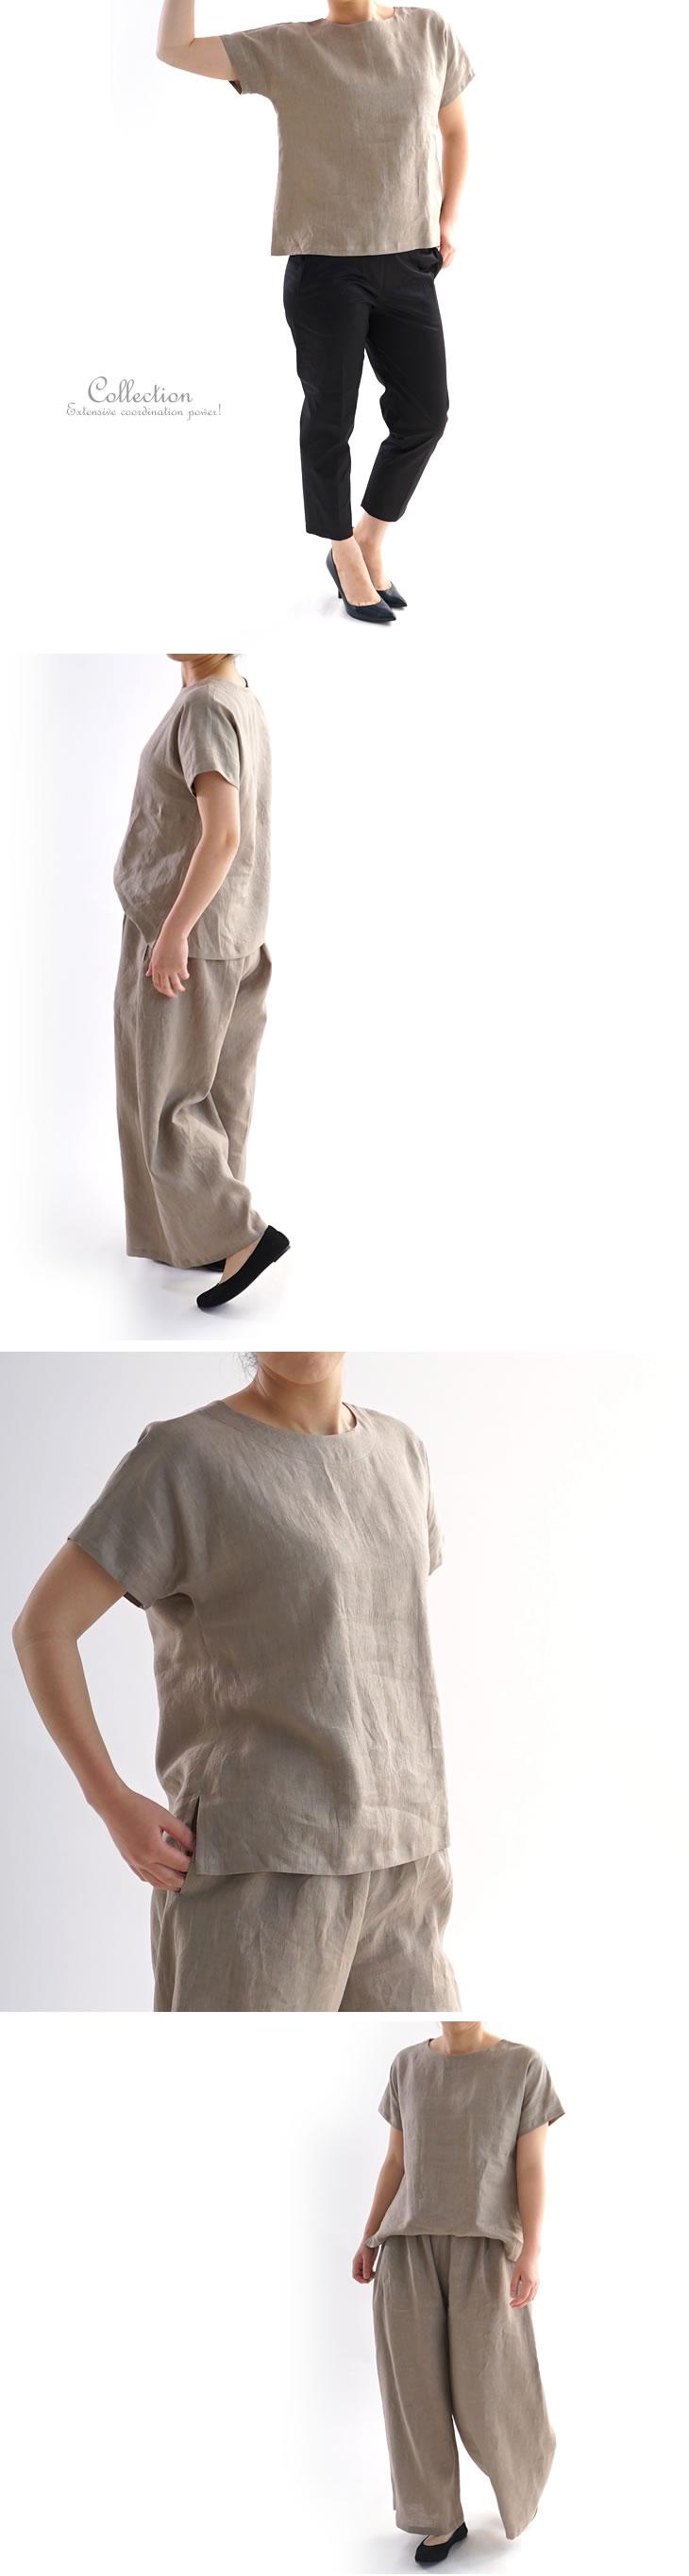 雅亜麻リネン ドロップショルダー Tシャツ/ 榛色(はしばみいろ)